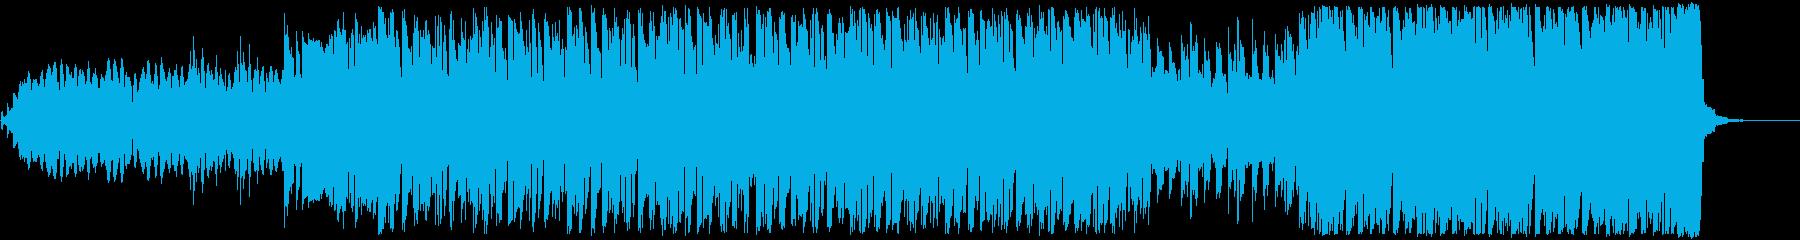 電気楽器。暗い、劇的な配信。脈打つ...の再生済みの波形